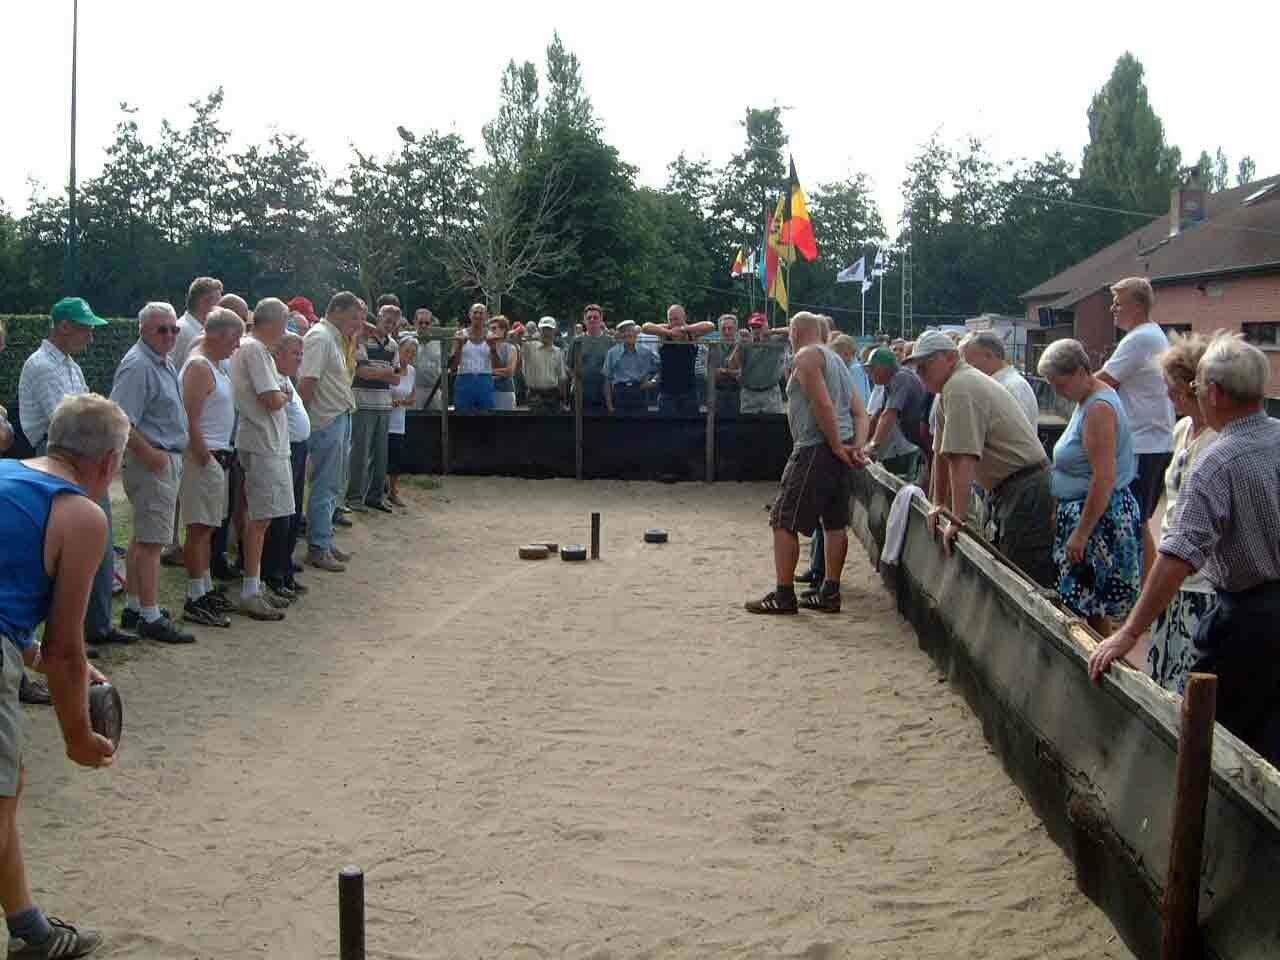 La boule flamande - Jeux de bouee ...